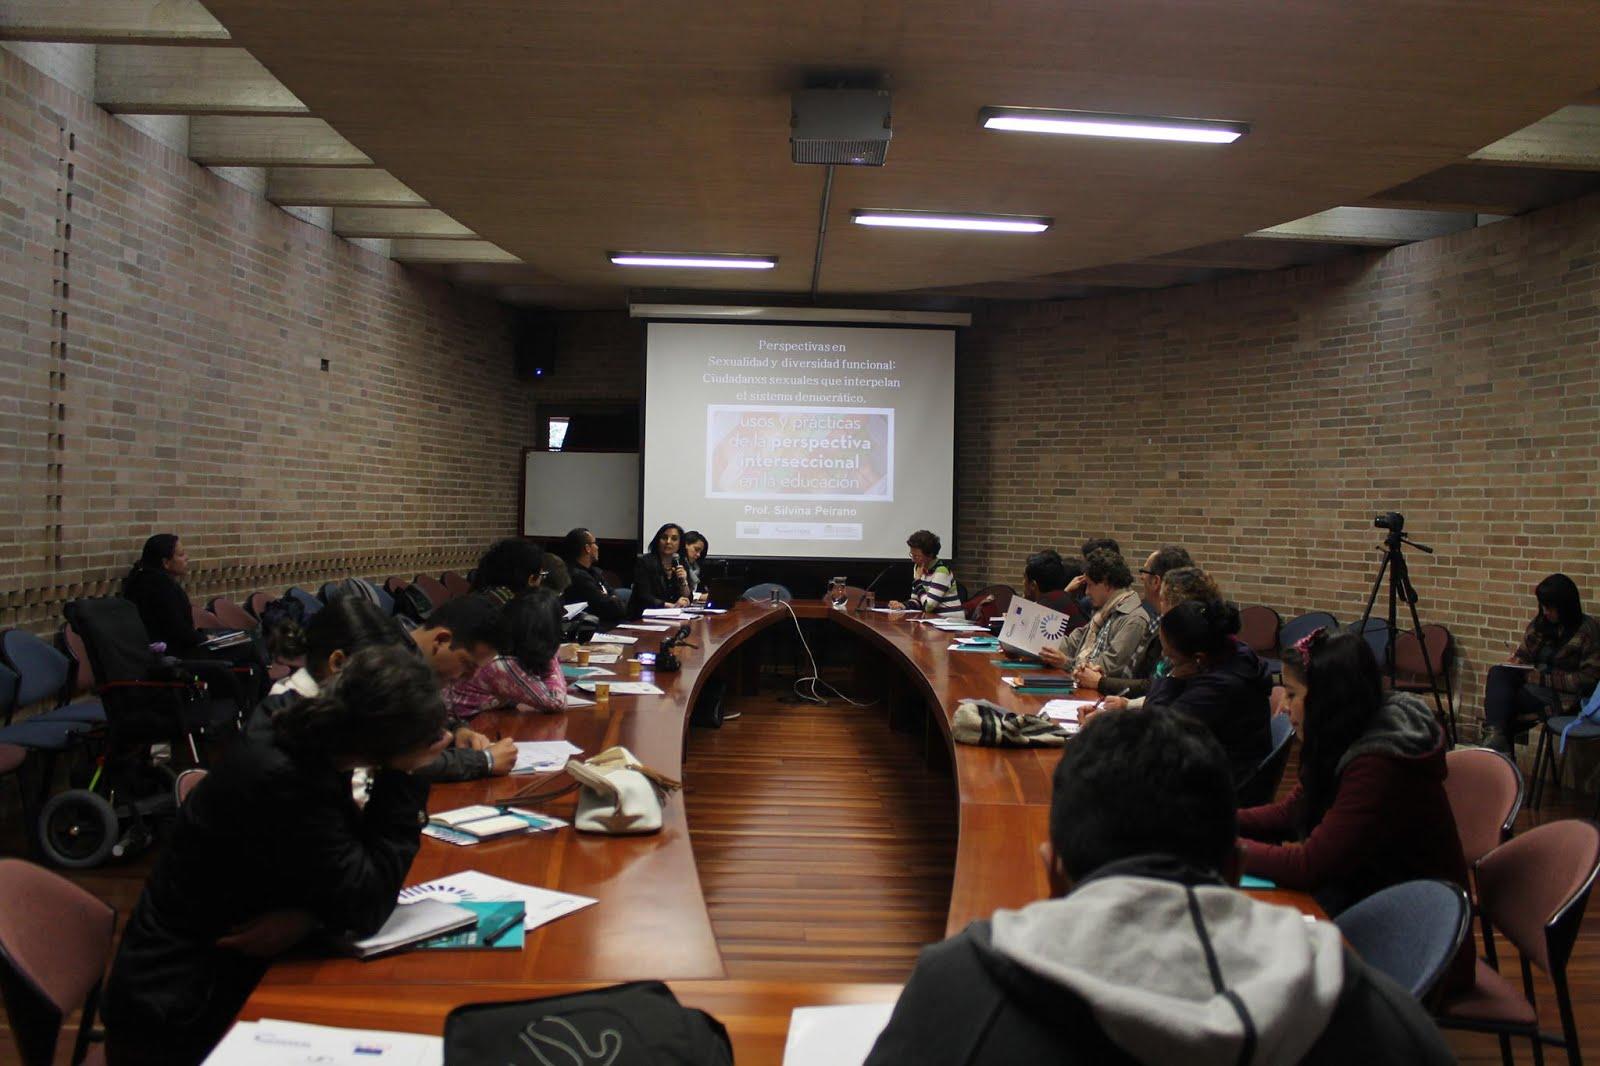 Universidad Nacional de Colombia; Bogotá